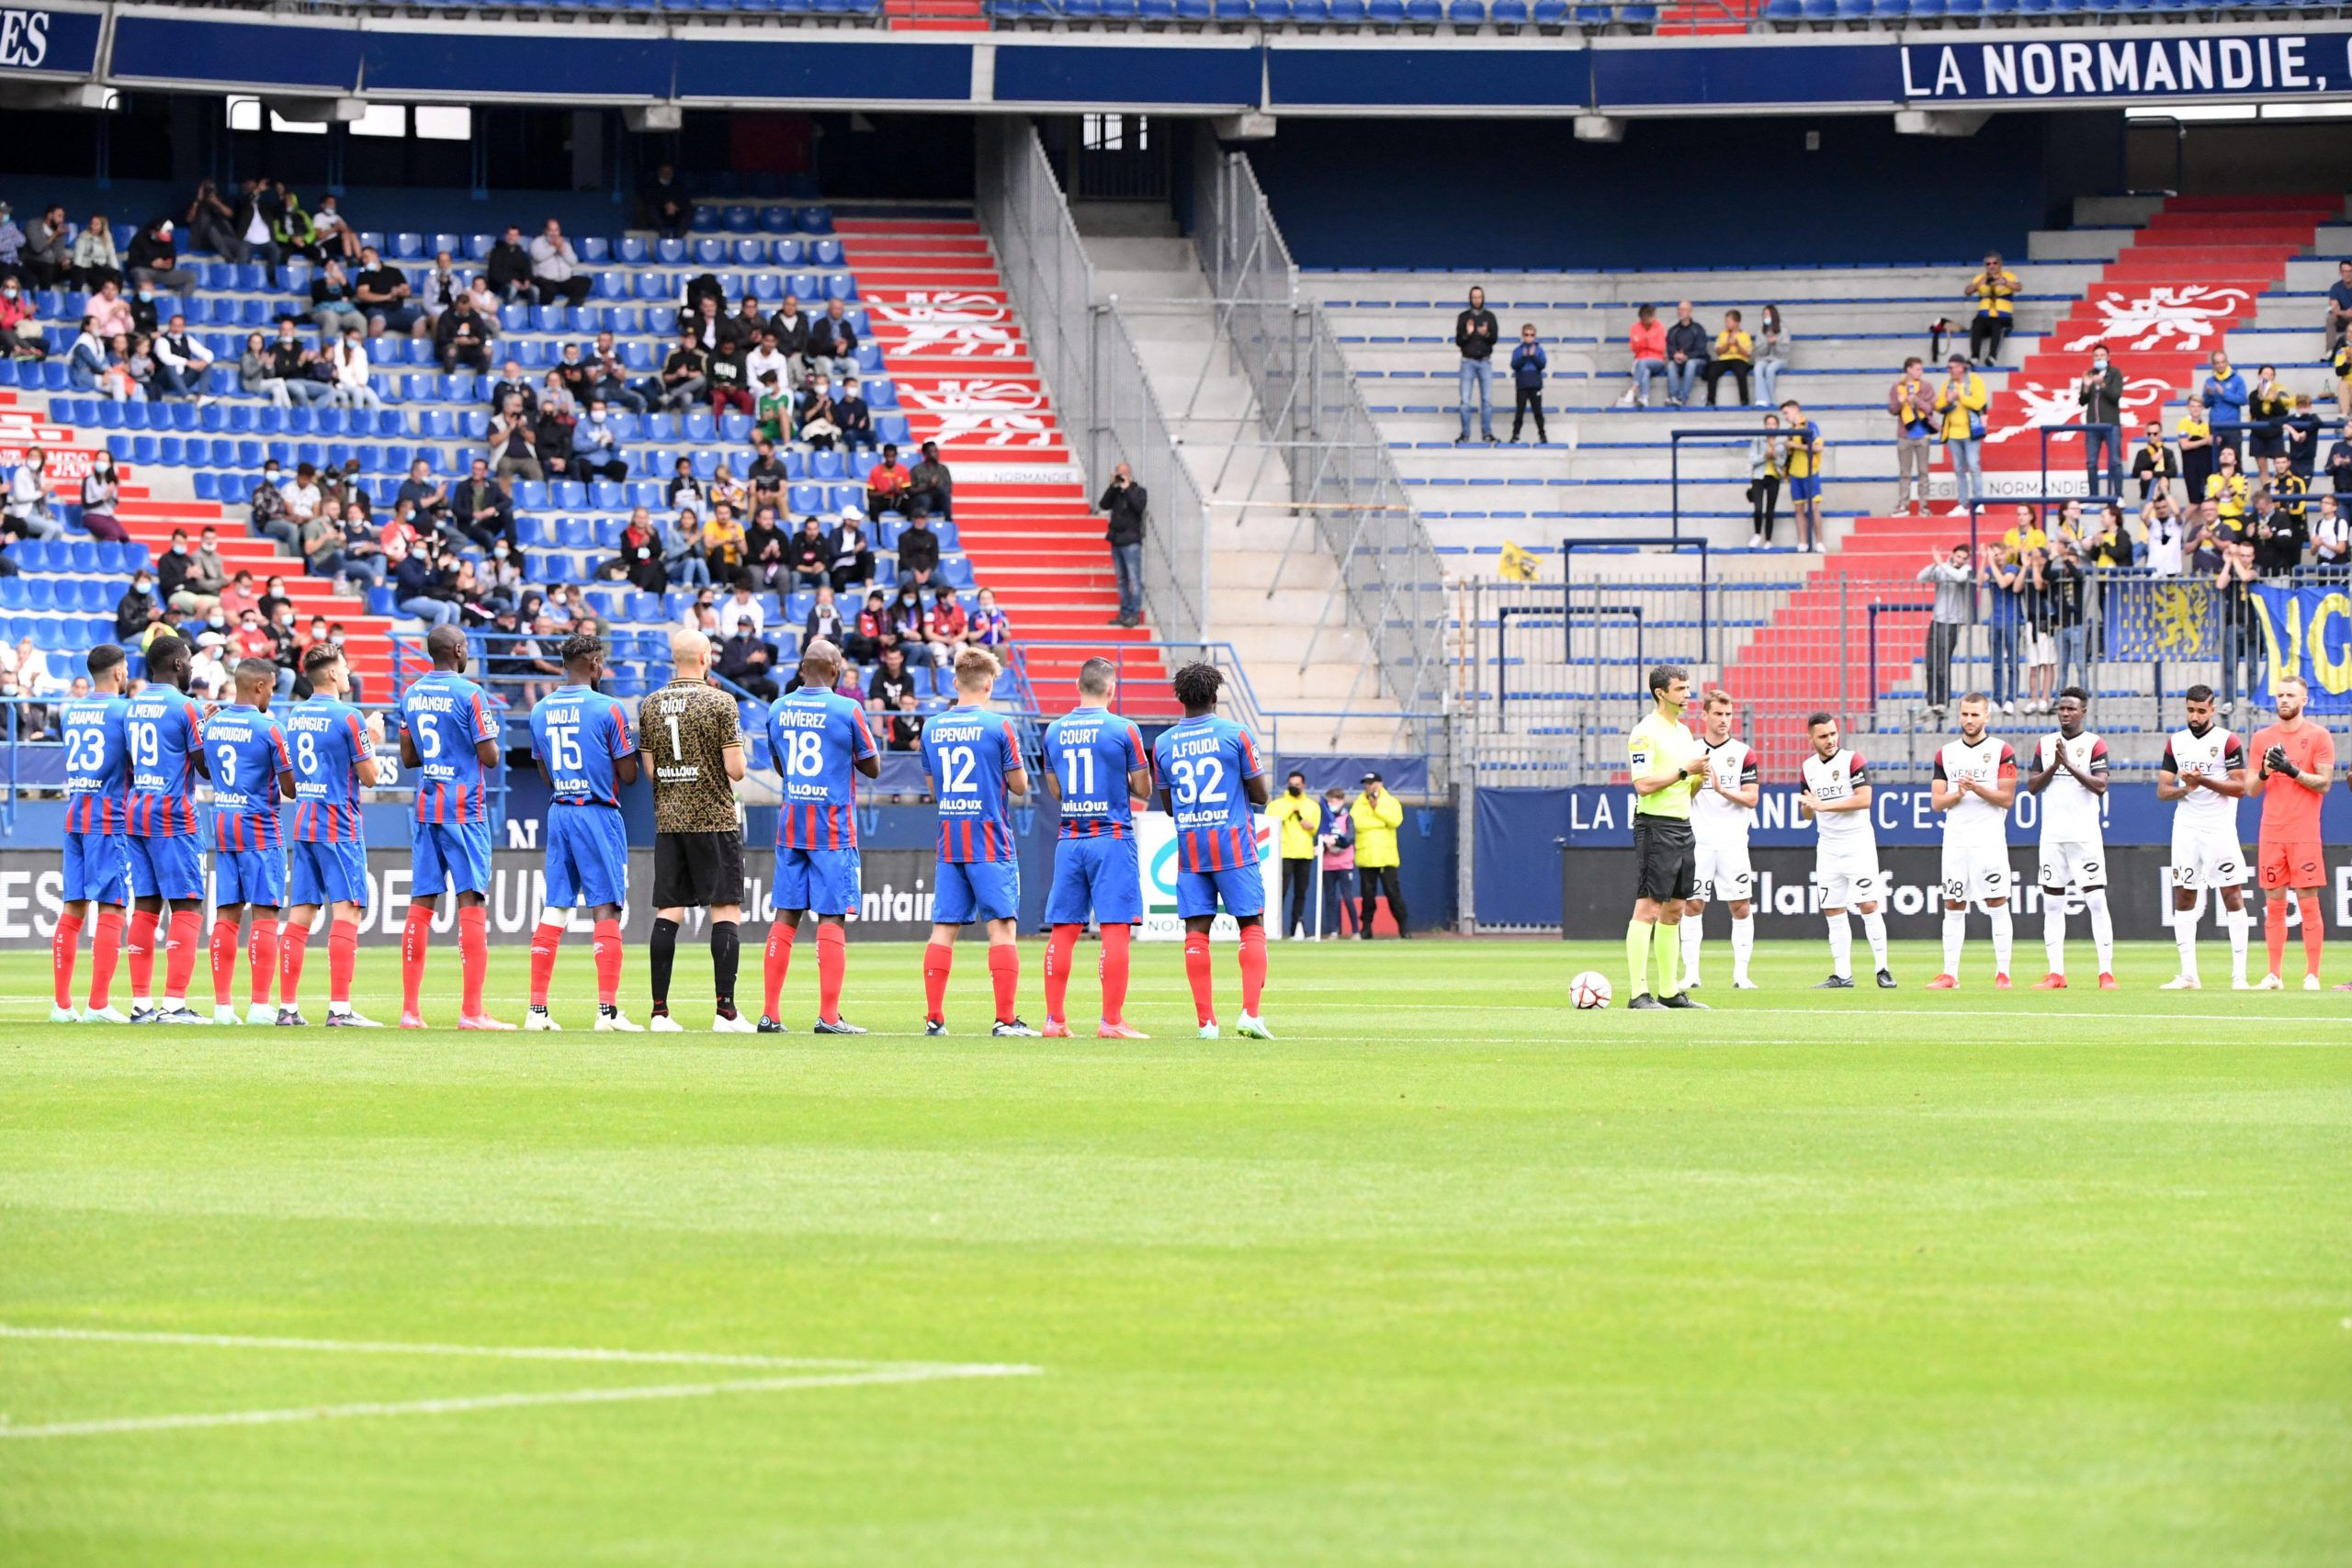 Toulouse – Caen : les compositions d'équipes probables selon la presse